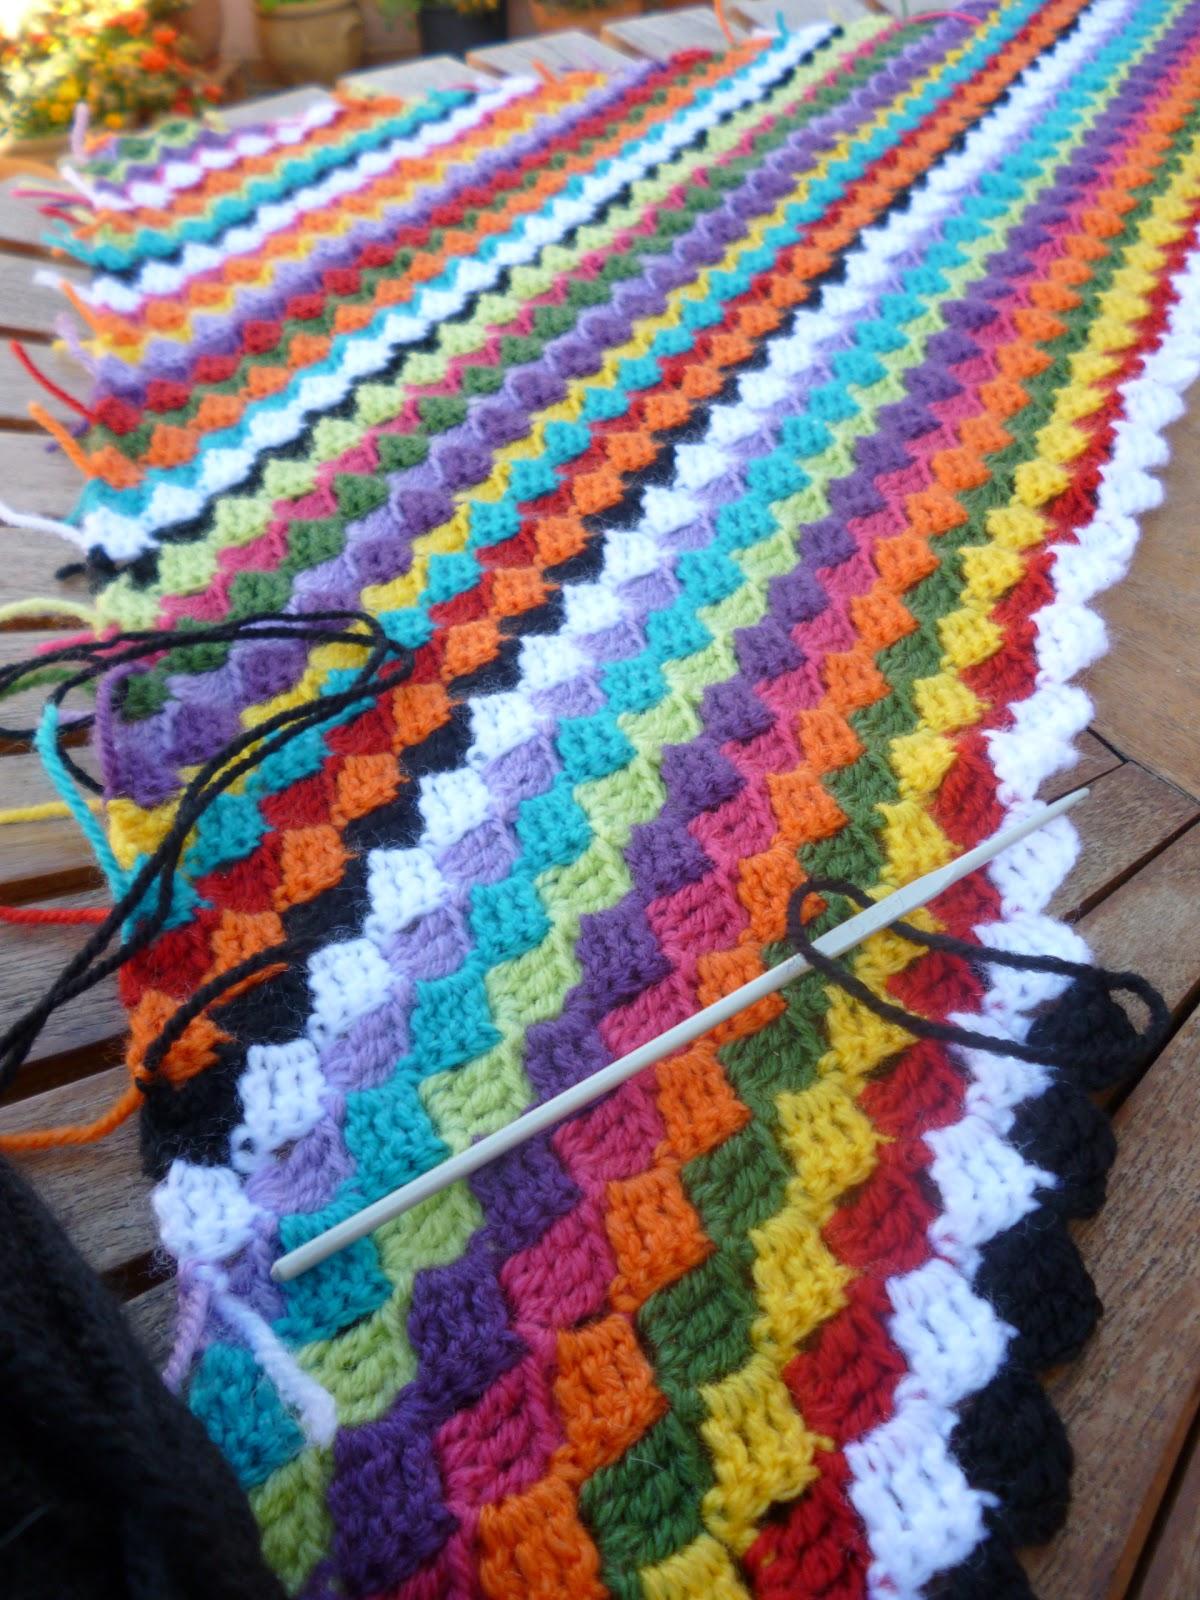 Hebra de lana dias corrientes - Mantas de punto a dos agujas ...